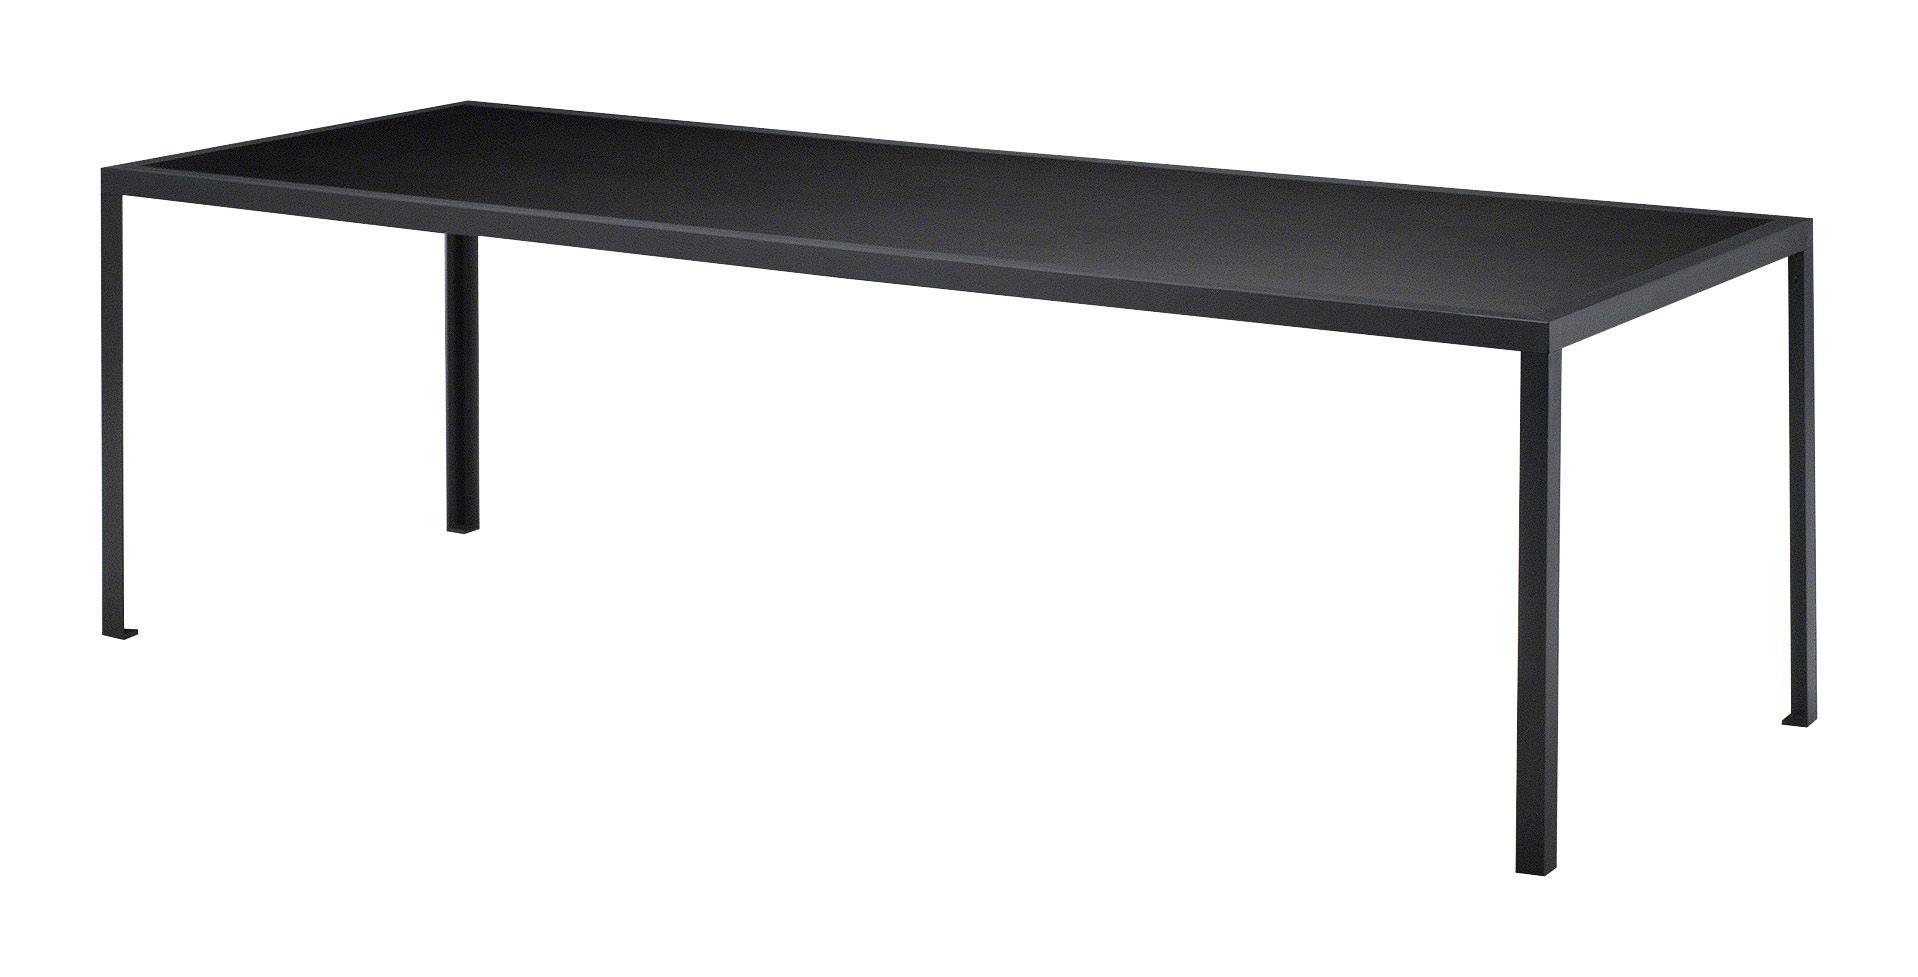 Arredamento - Tavoli - Tavolo rettangolare Tavolo - rettangolare - L 200 cm di Zeus - Nero - 200 x 90 cm - Acciaio verniciato, Linoleum